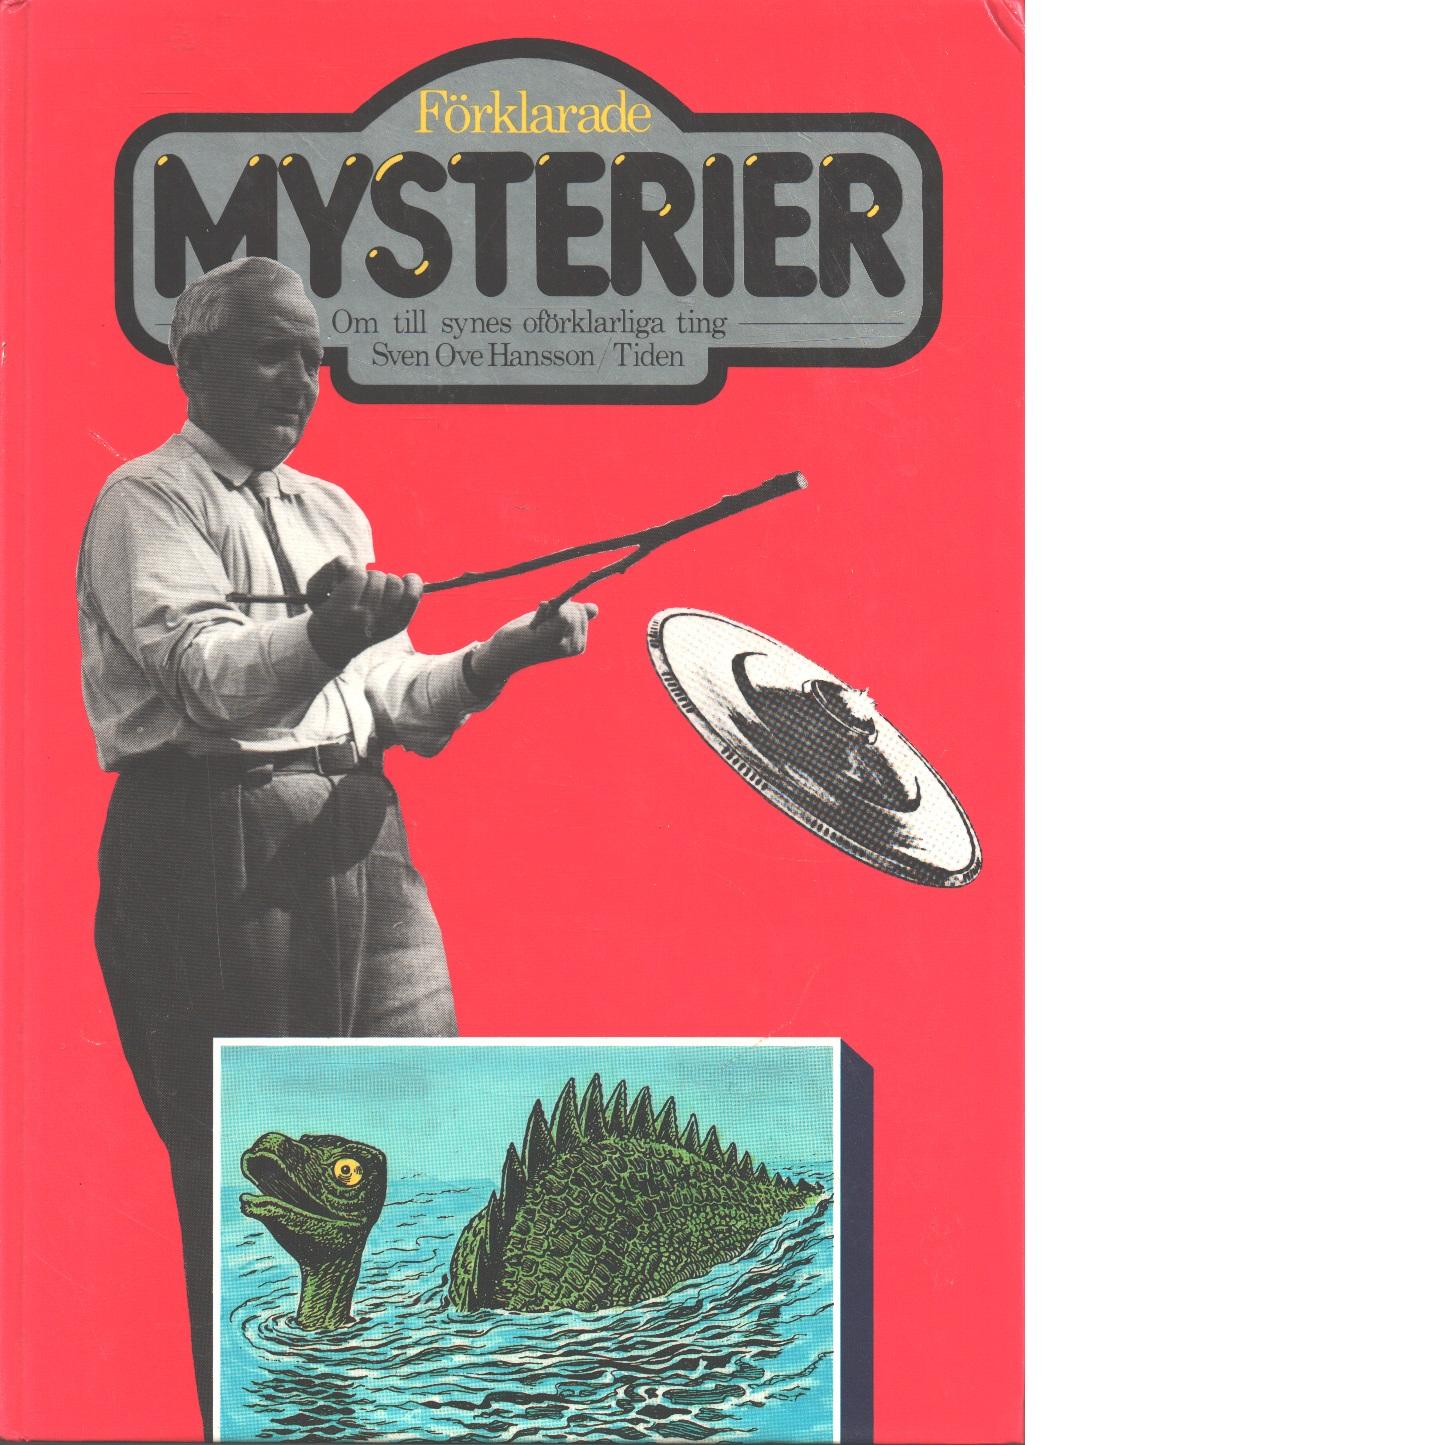 Förklarade mysterier : om till synes oförklarliga ting - Hansson, Sven Ove